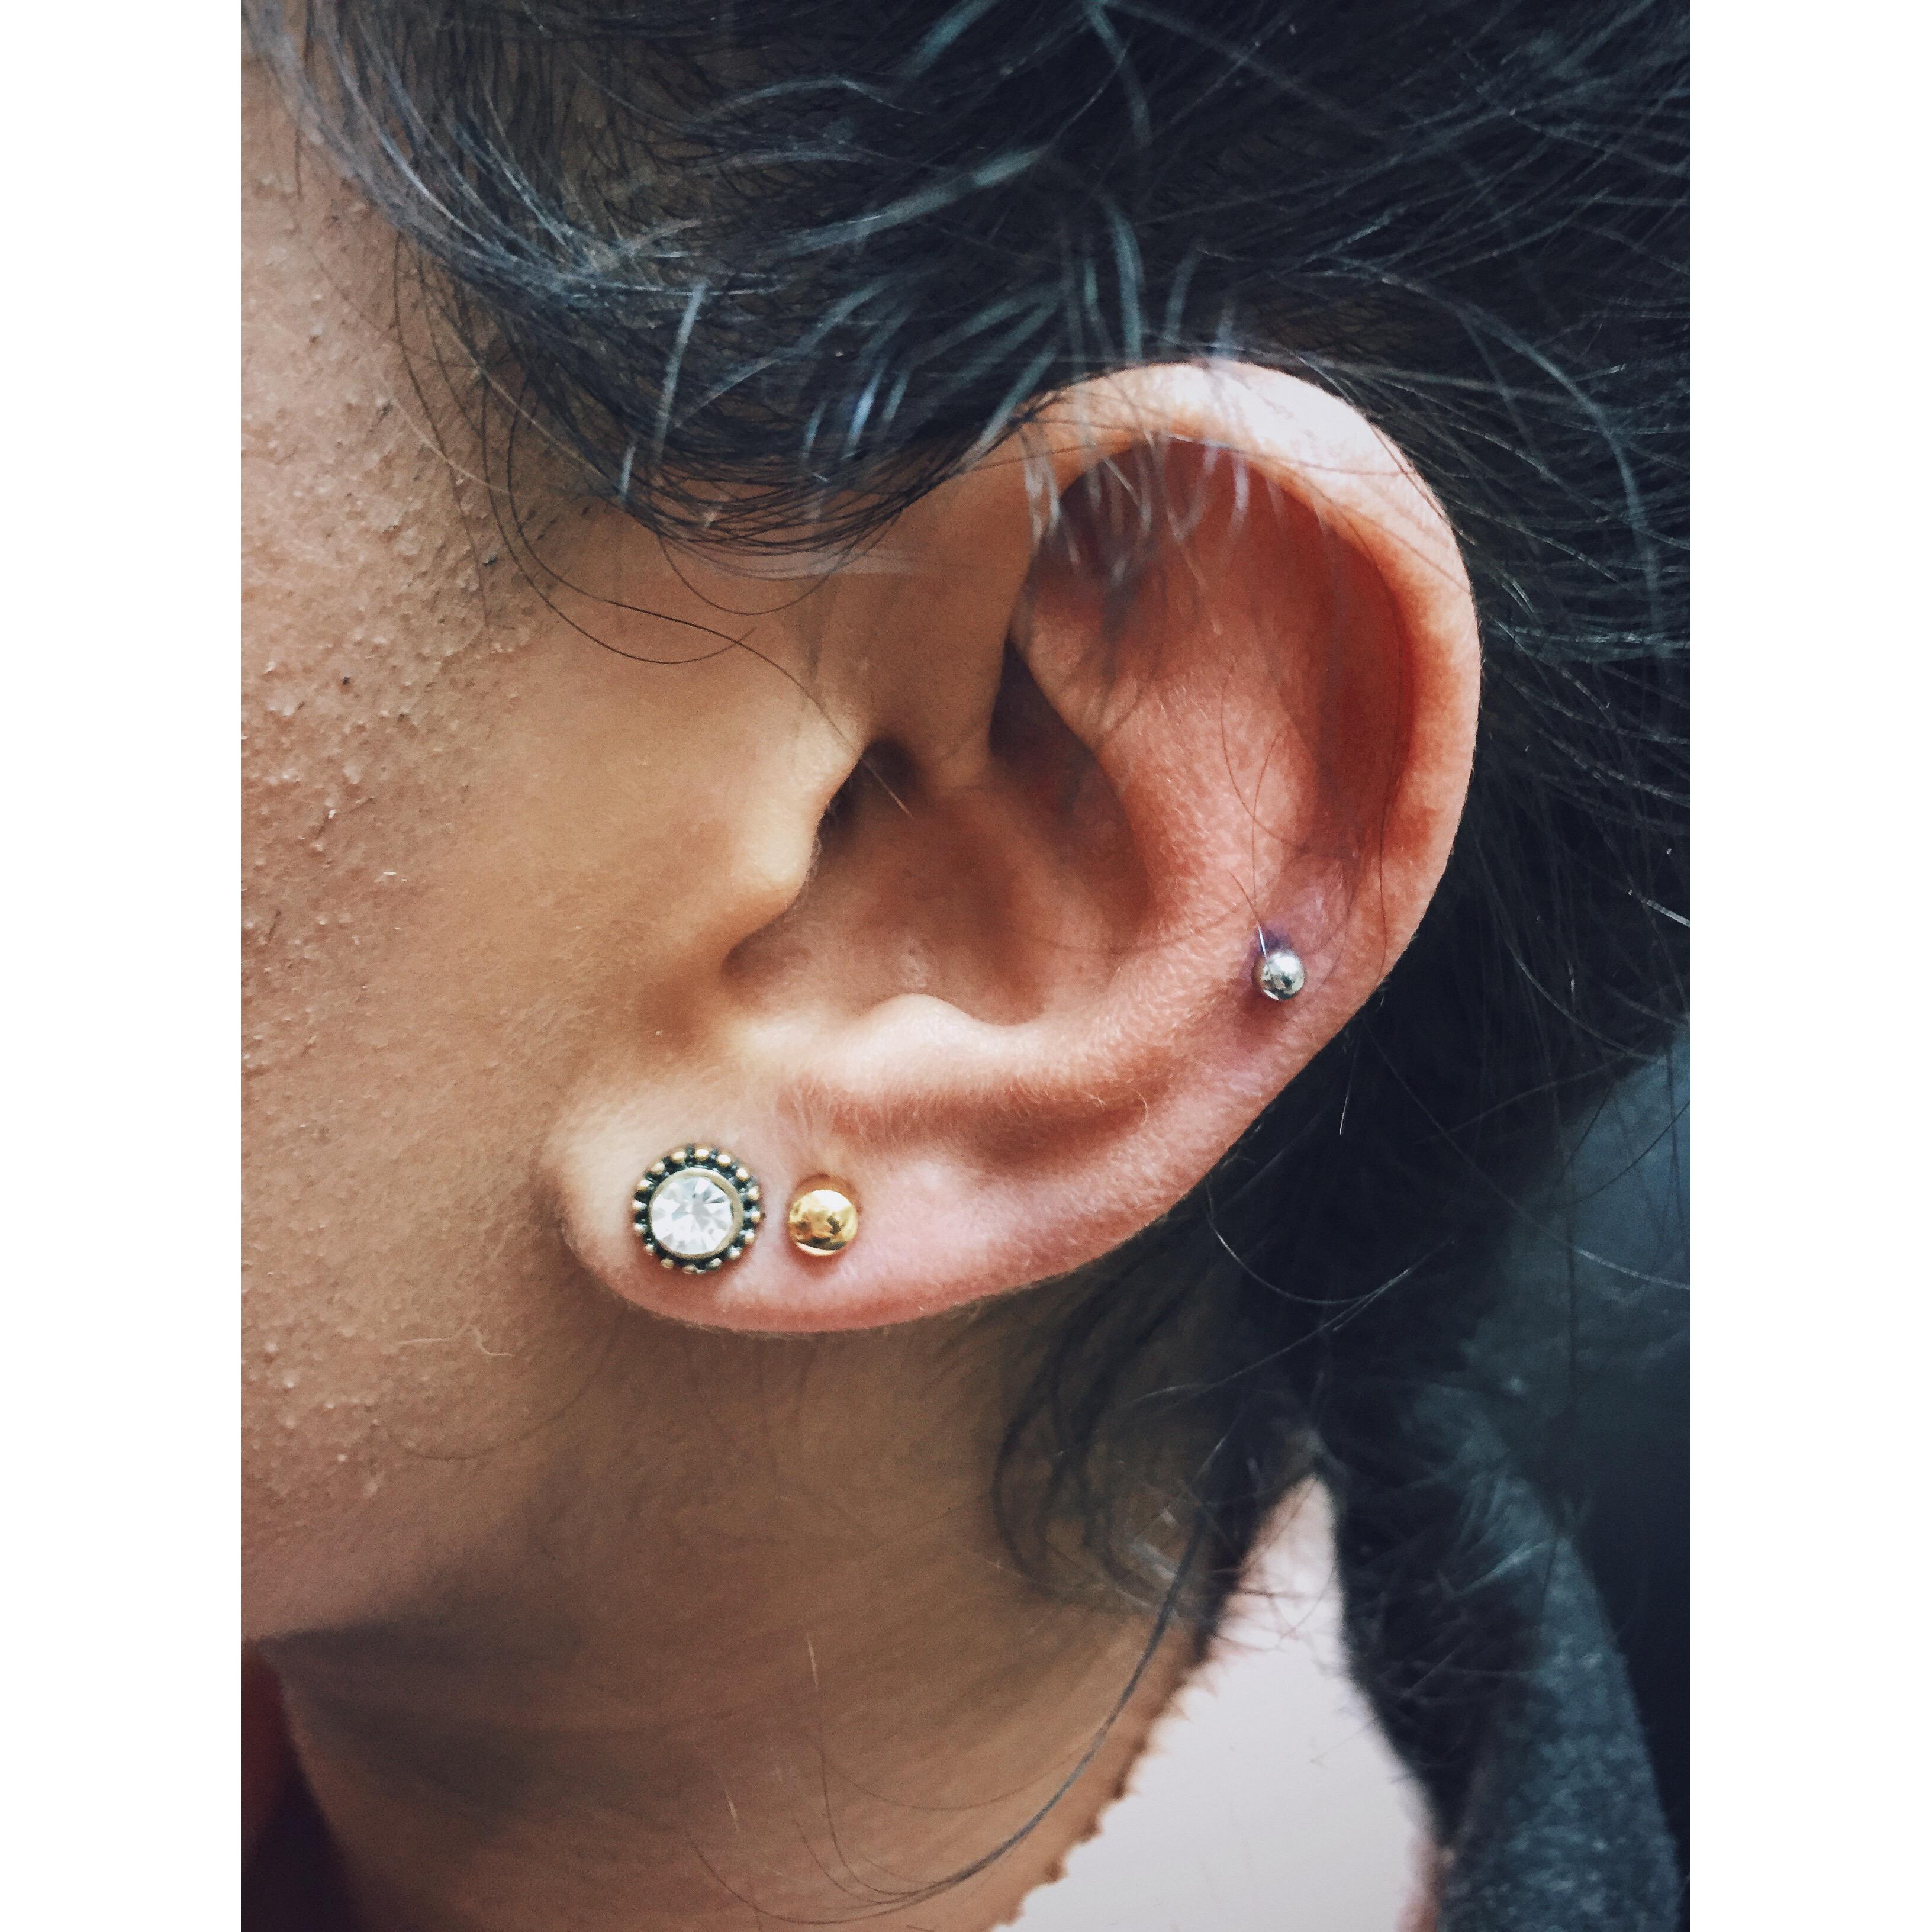 B's Mid Ear Cartilage & Lobe Piercings